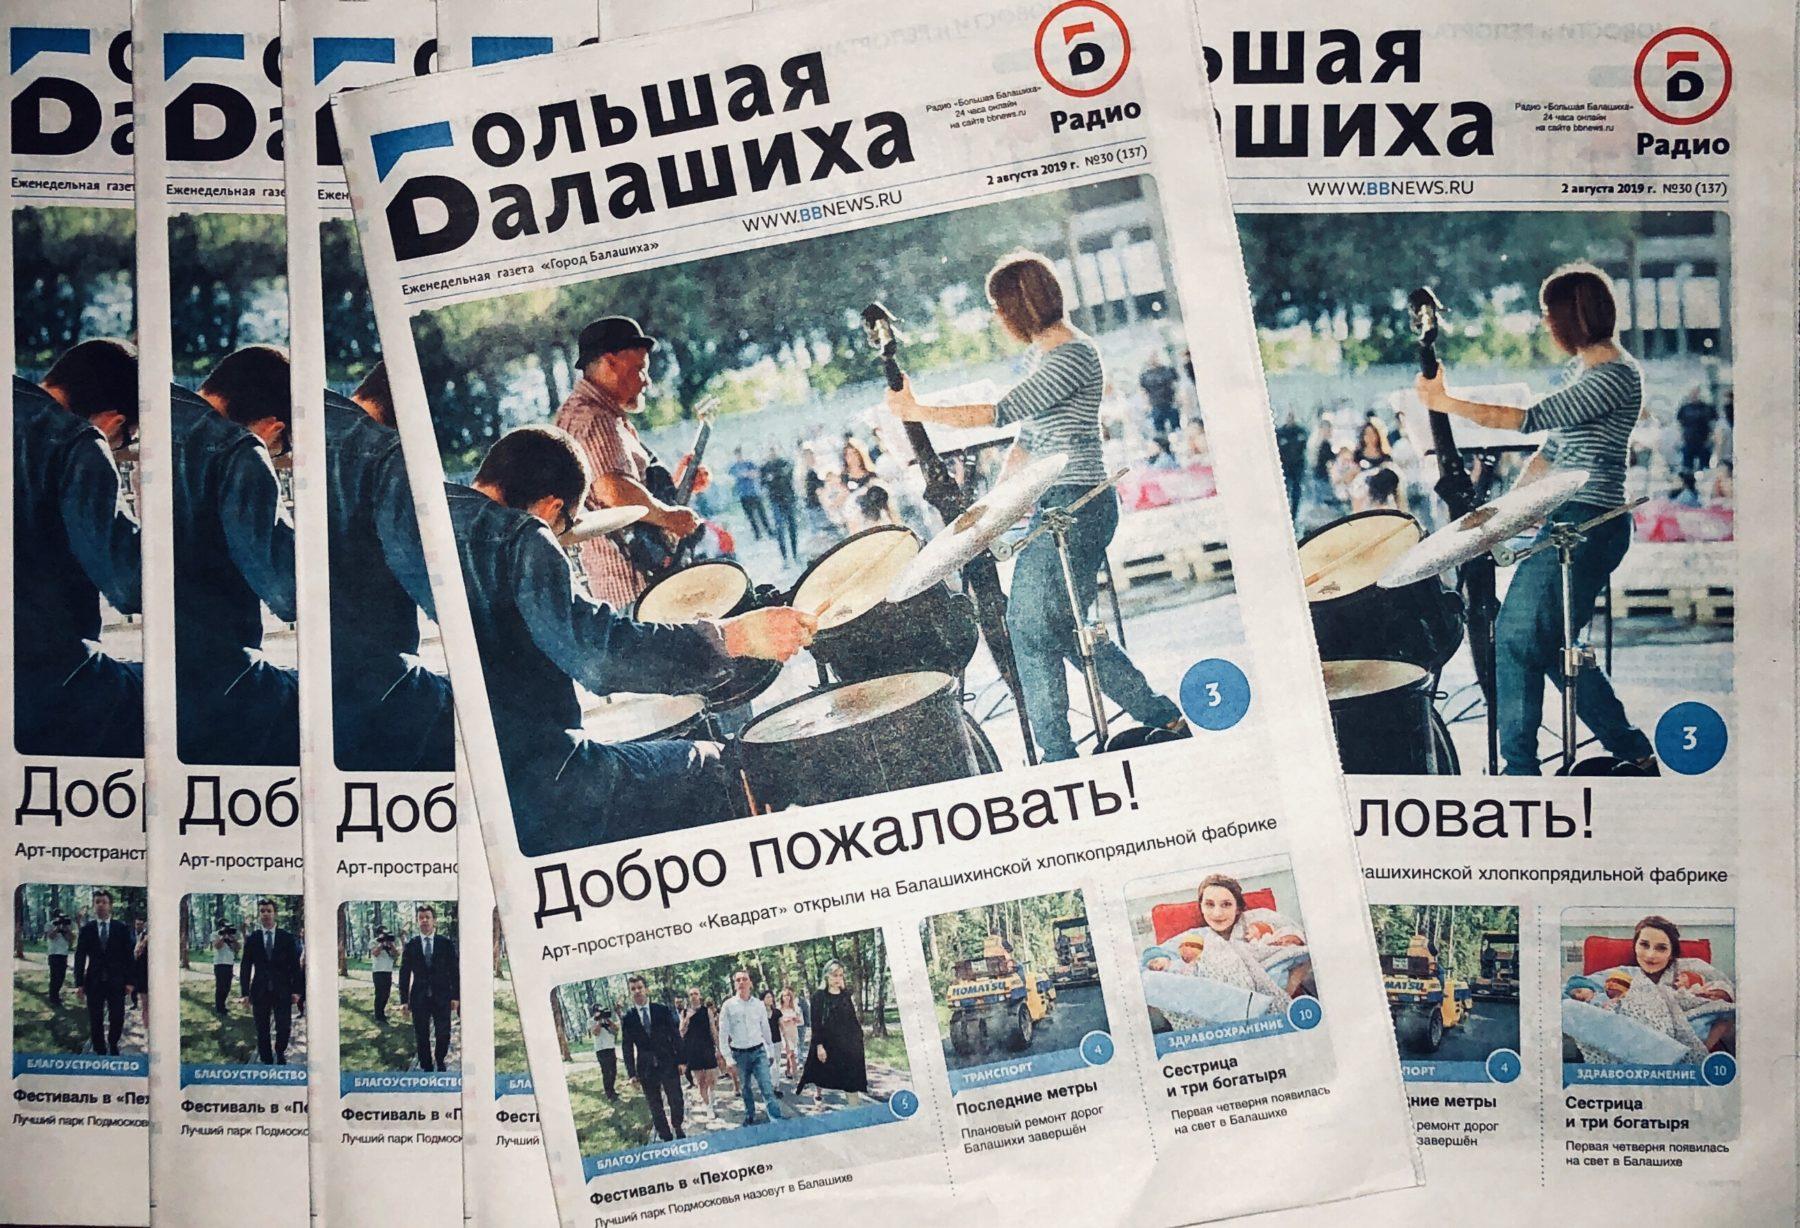 Вышла газета «Город Балашиха» №30 (137)